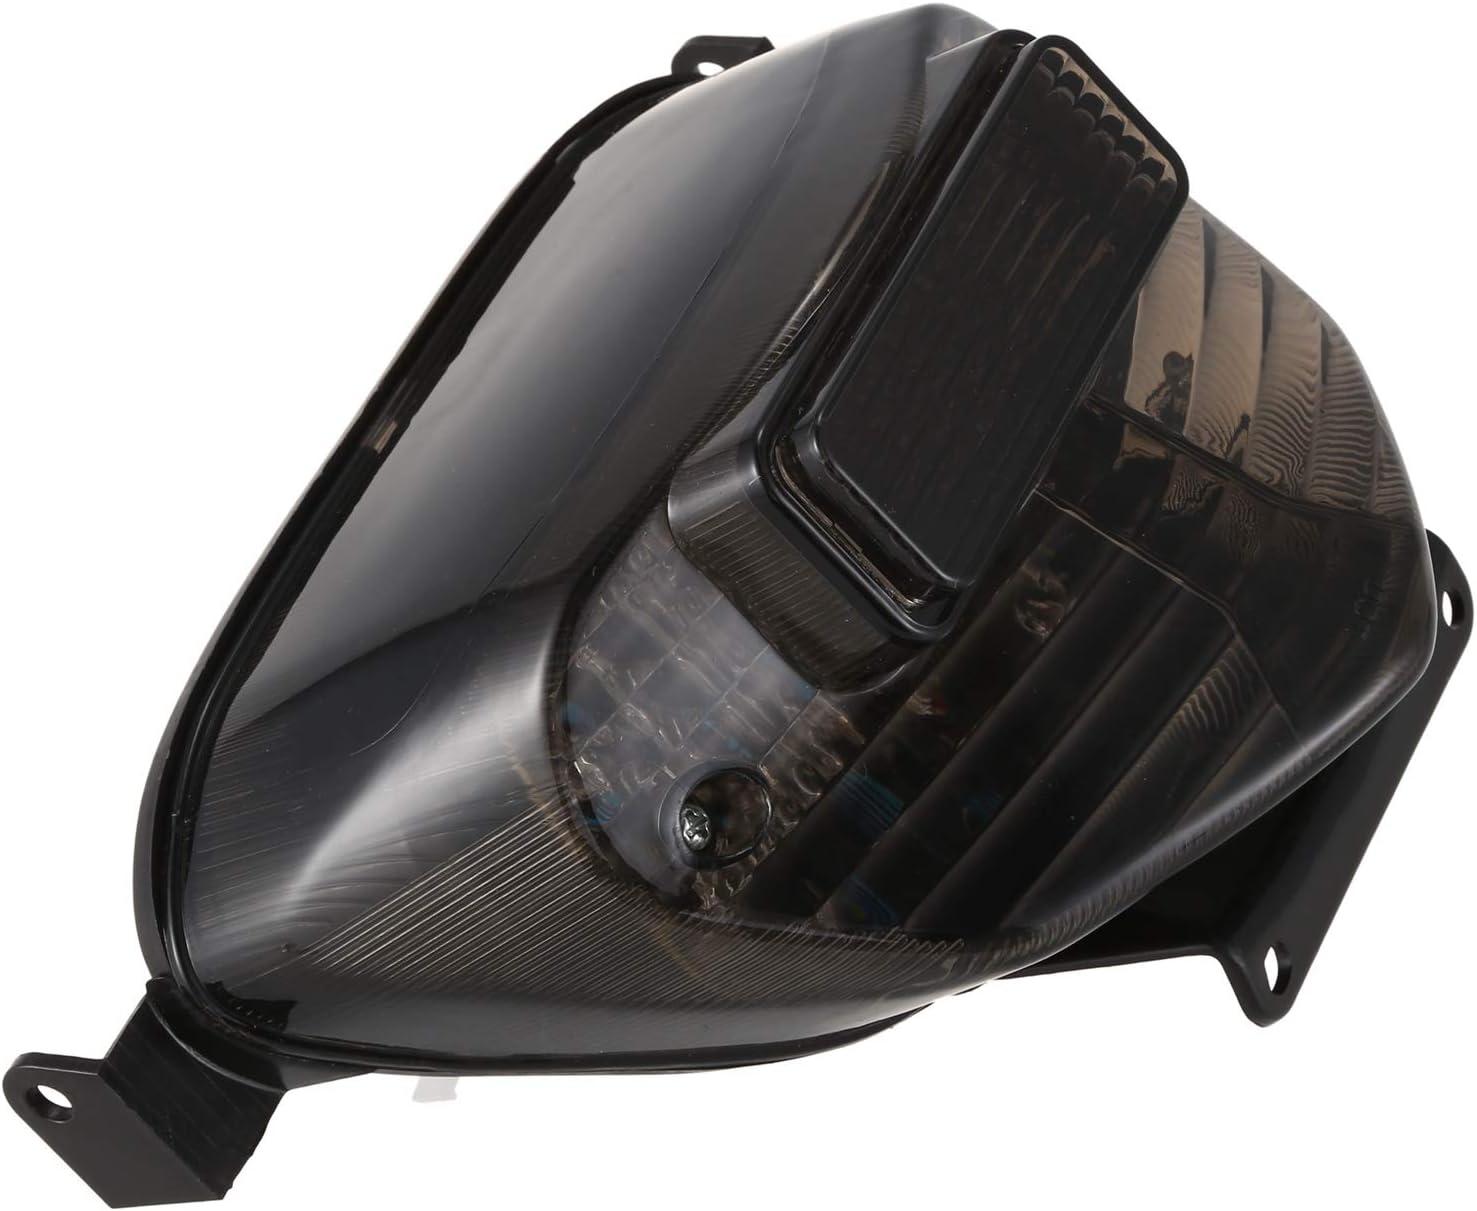 YeBetter Moto Fum/éE LED Feu Arri/èRe Frein Clignotant Rouge Jaune pour 2000-2003 GSXR GSX-R 600 750 1000 Accessoires de Moto